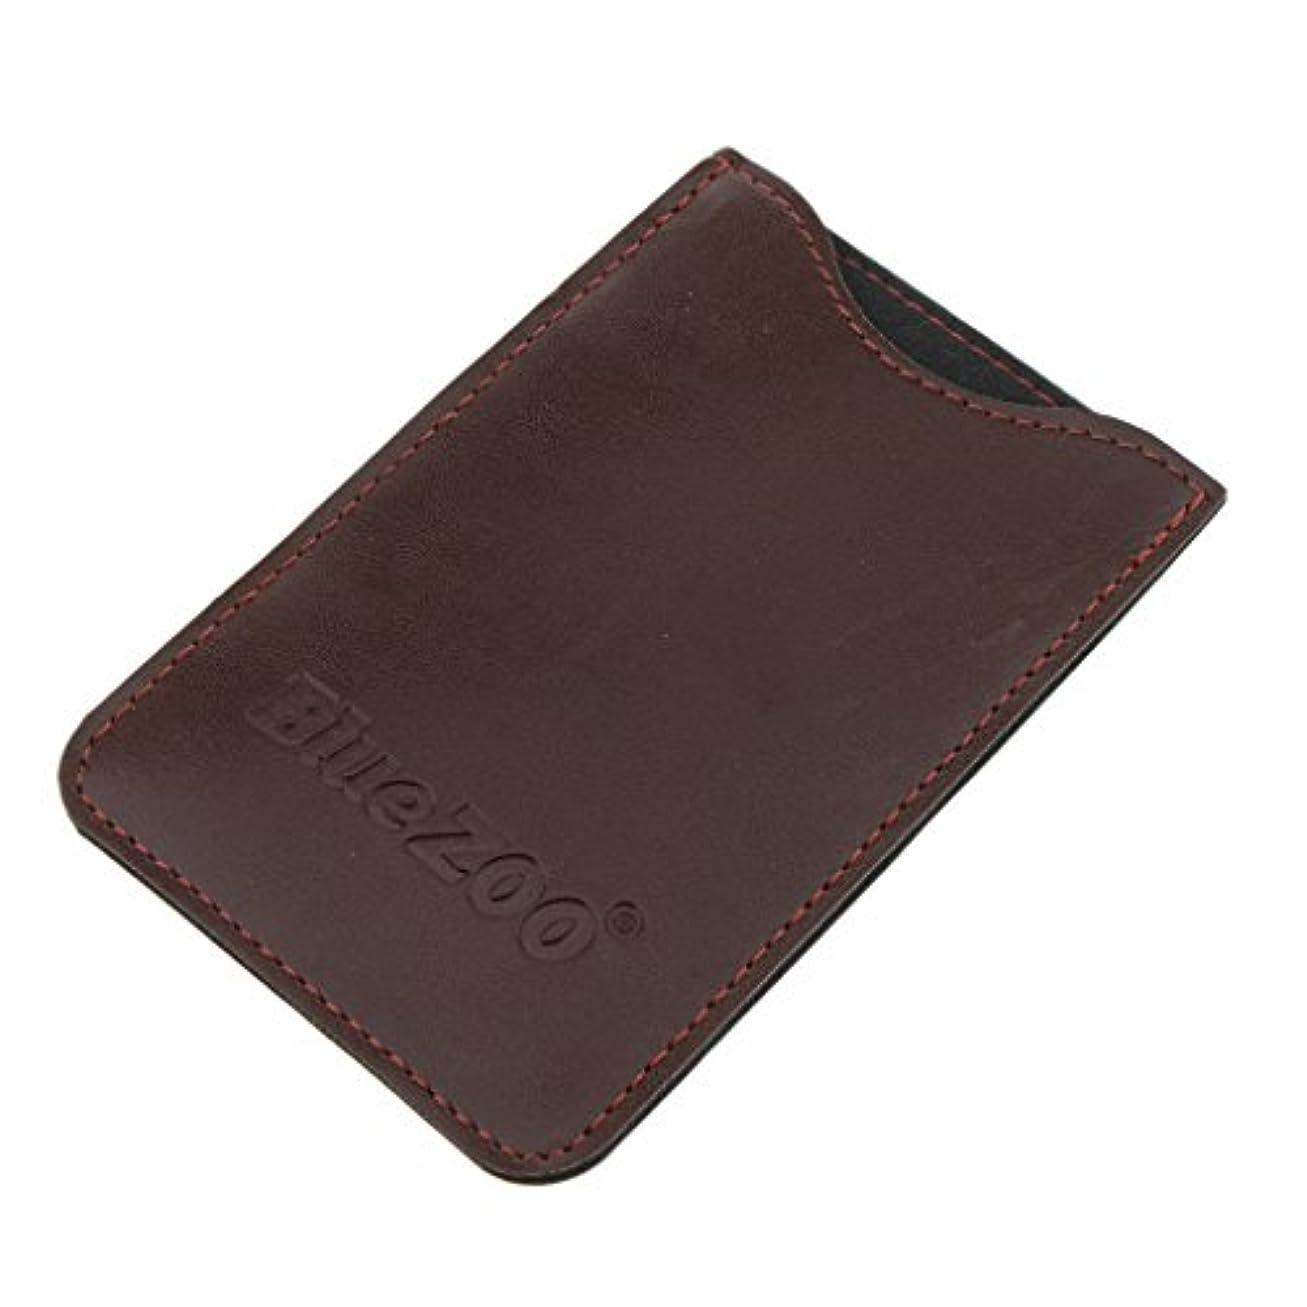 下にしてはいけない土Perfeclan コンビバッグ PUレザー 櫛バッグ ポケット オーガナイザー 収納ケース 保護カバー パック 全2色 - 褐色